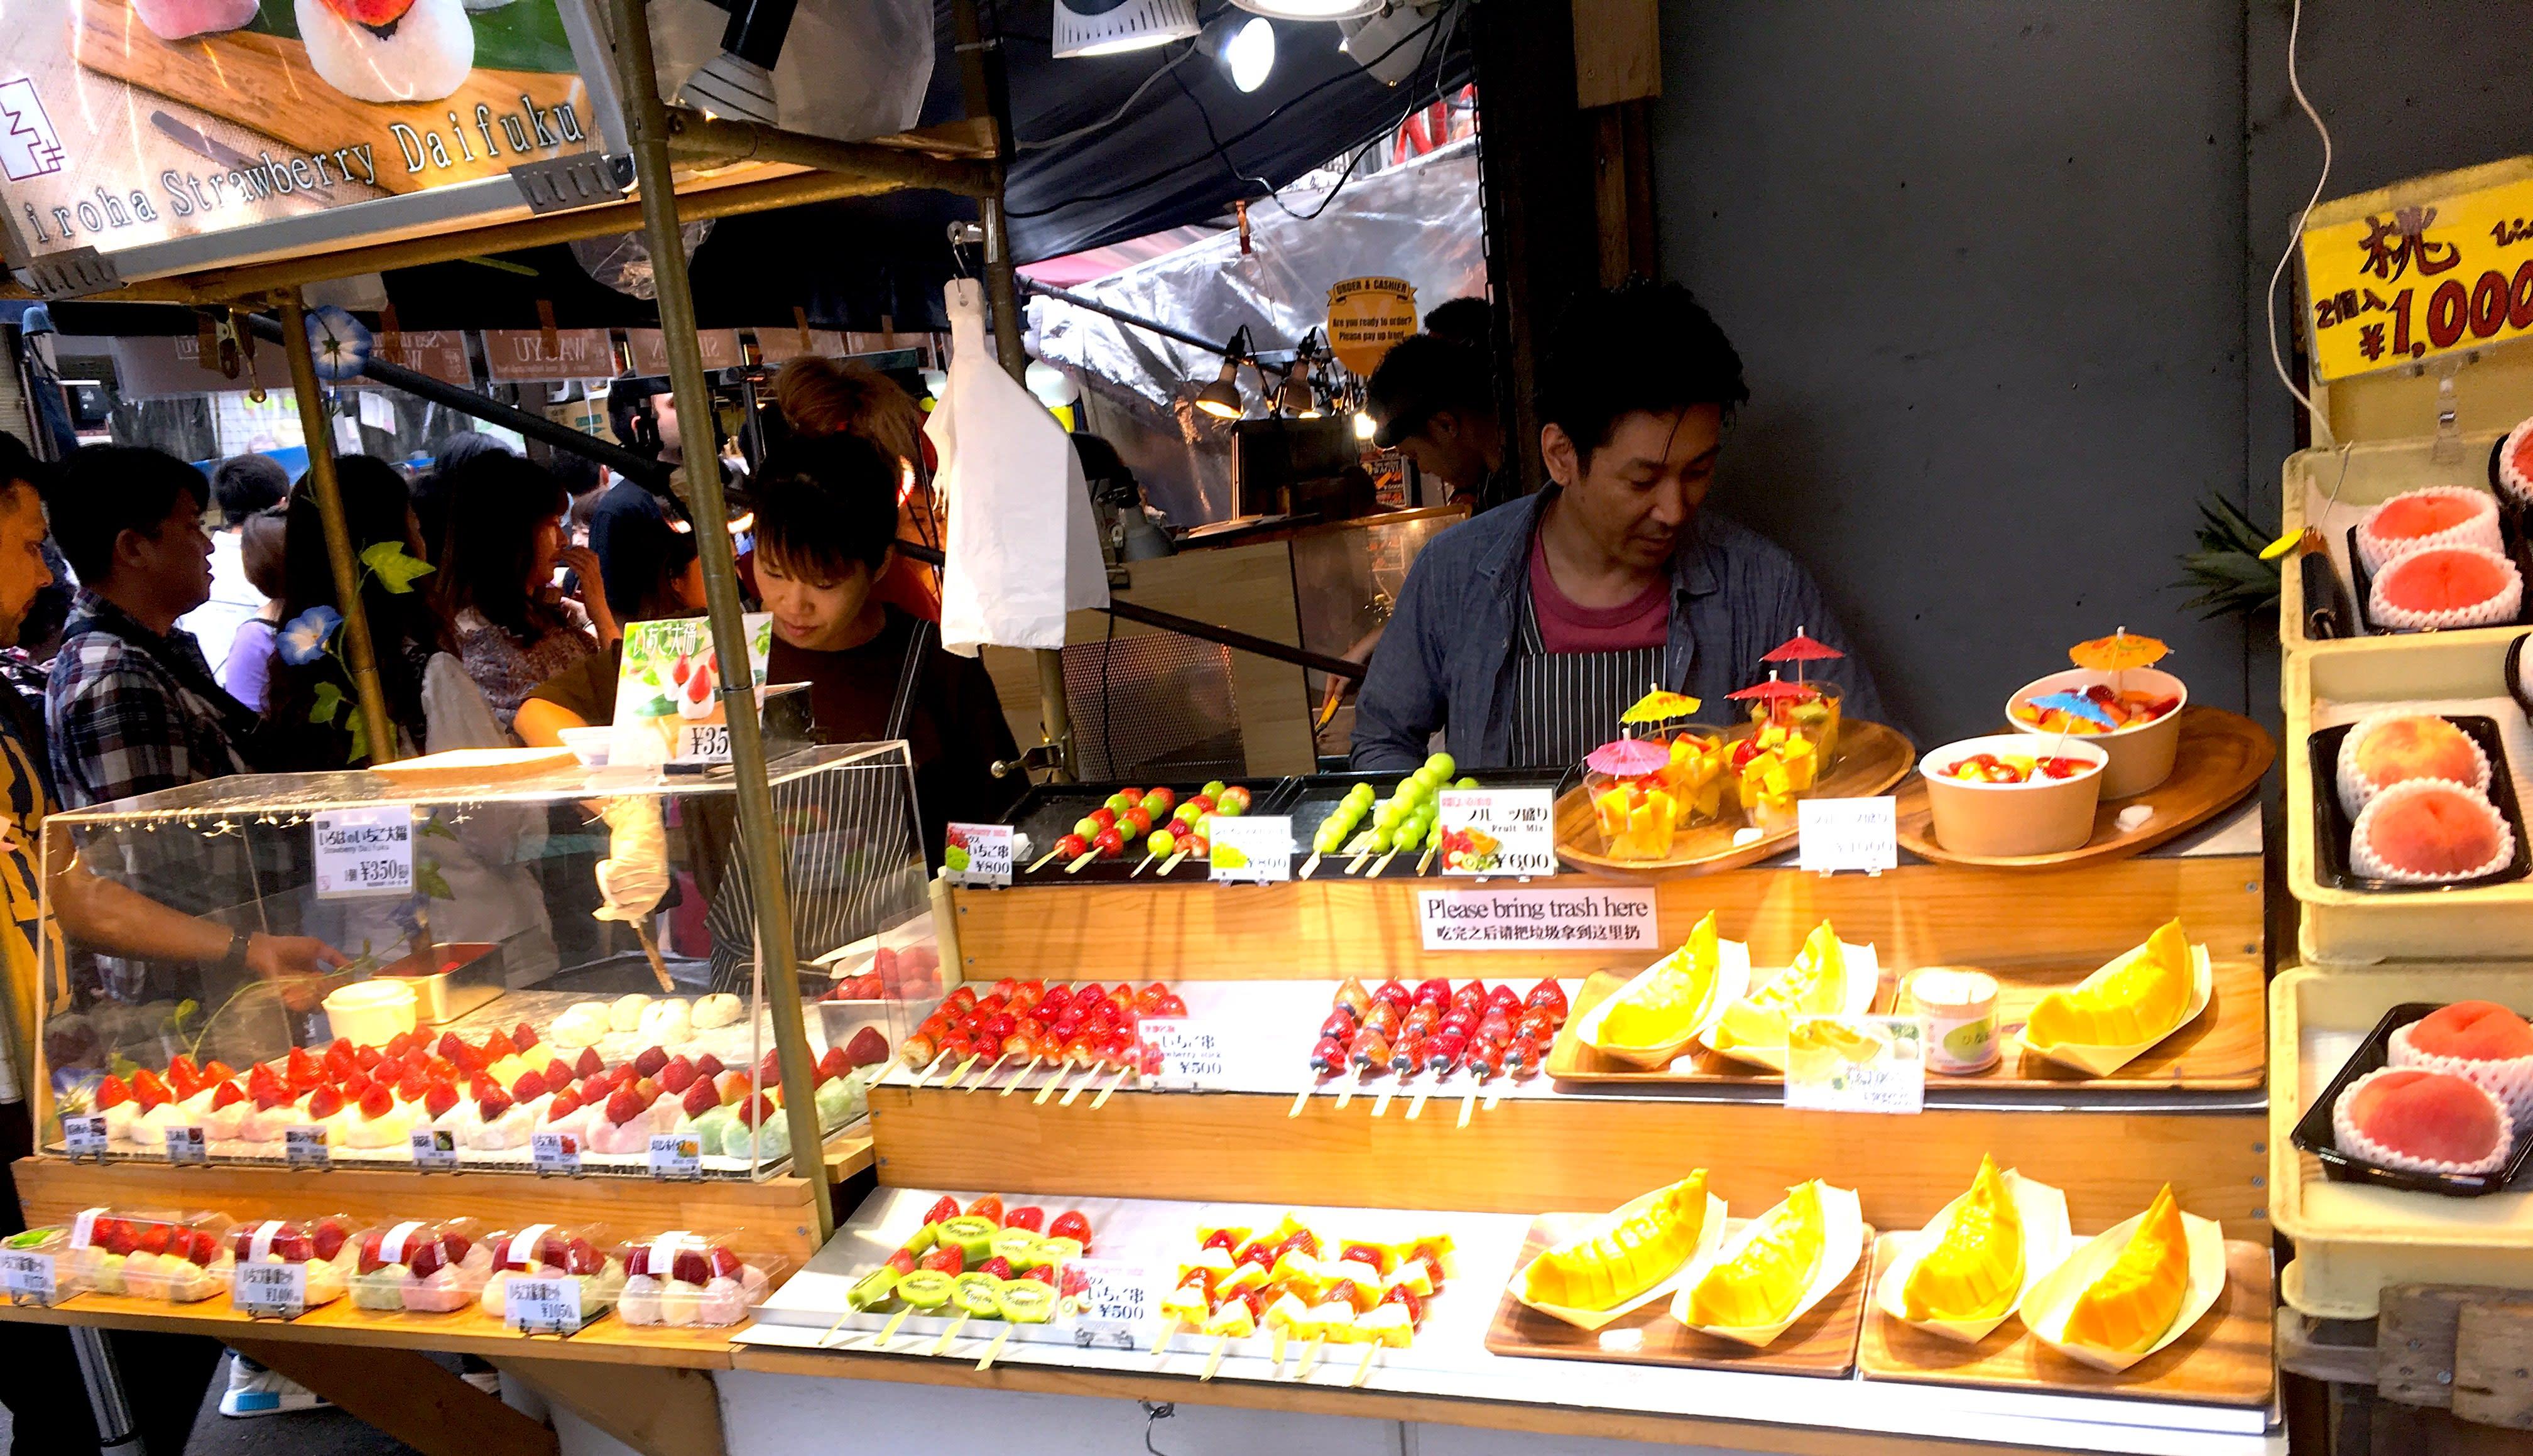 新鮮的水果加上草莓大福,就是在對旅人們招手啊!(圖片取自valepra0330)